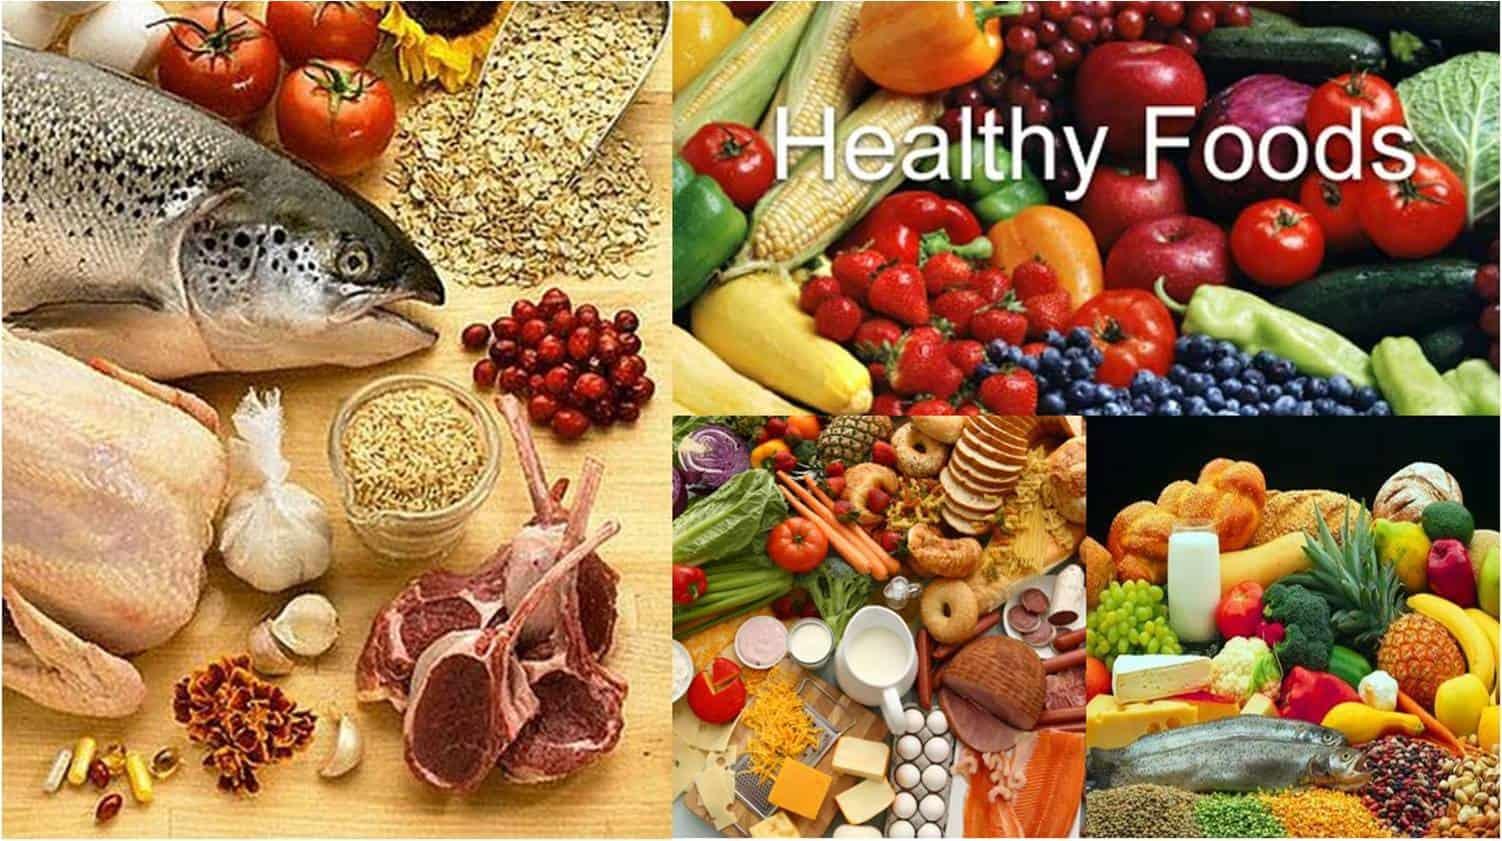 بالصور مطوية عن الغذاء , تعرف على الاطعامه التي تجعل جسم الانسان قوي 11830